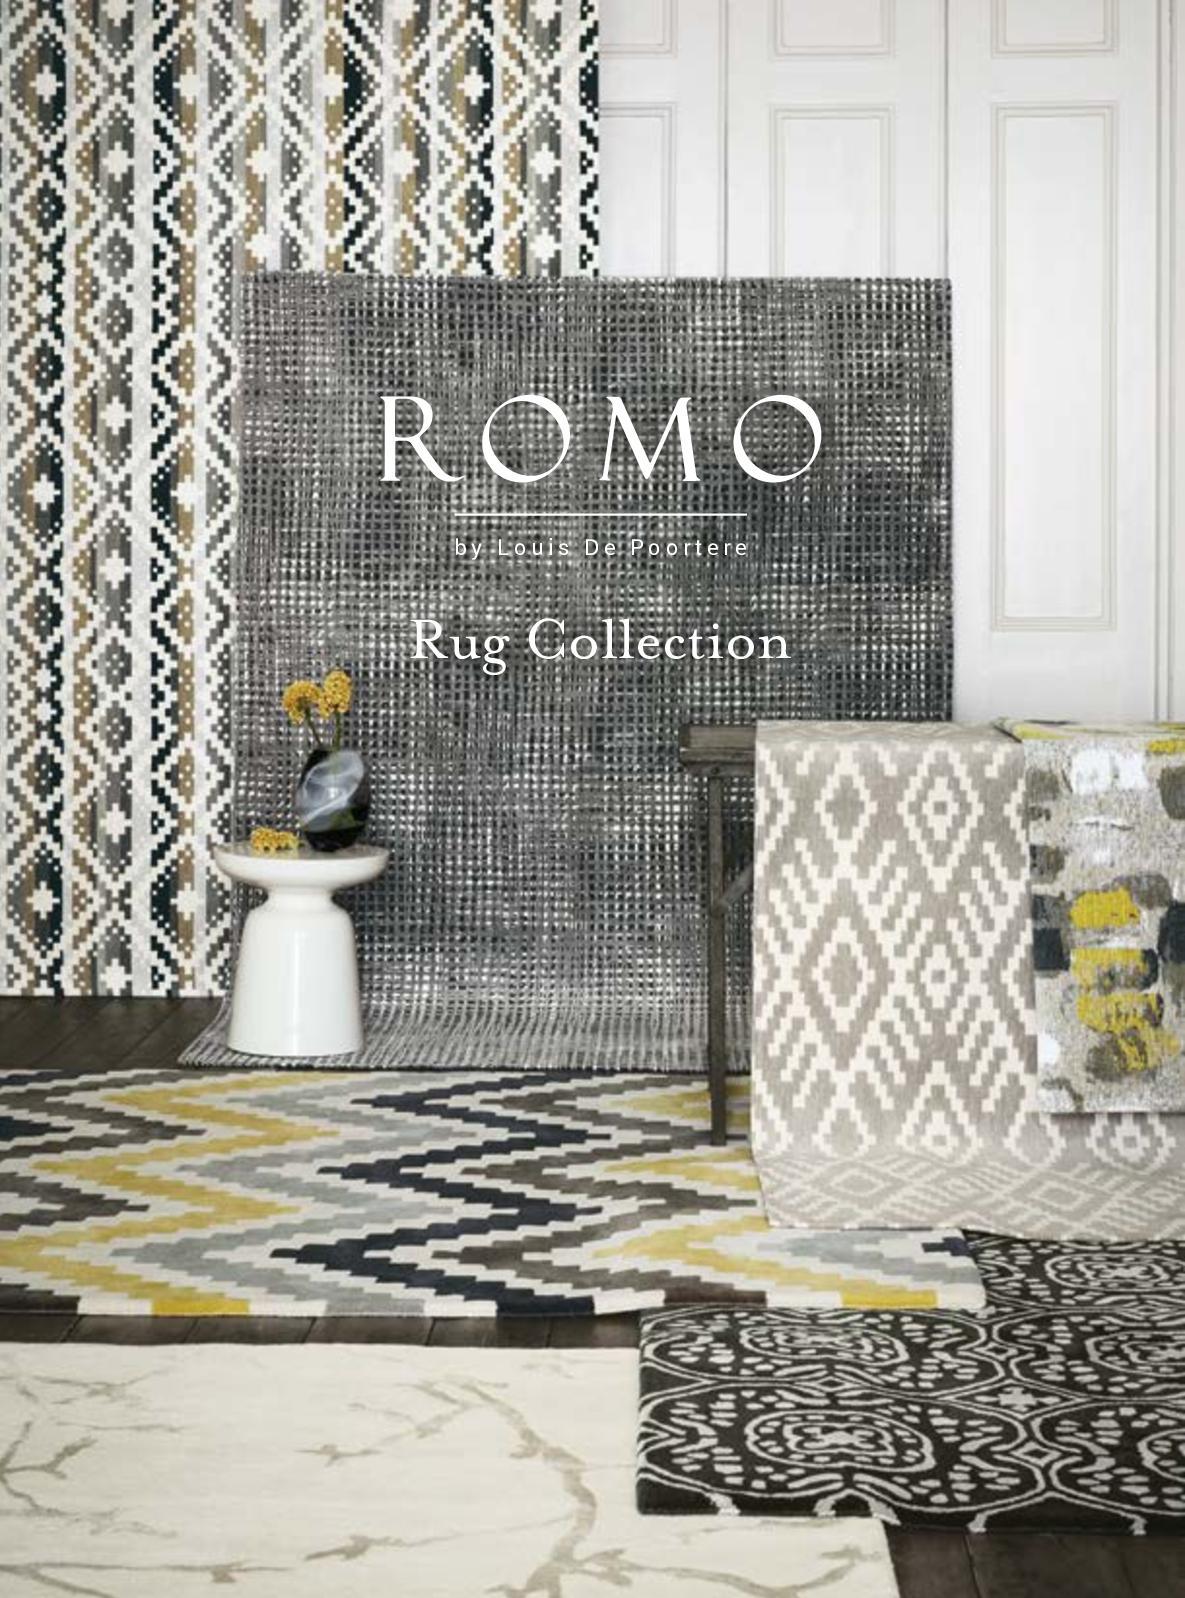 calameo catalogue tapis romo